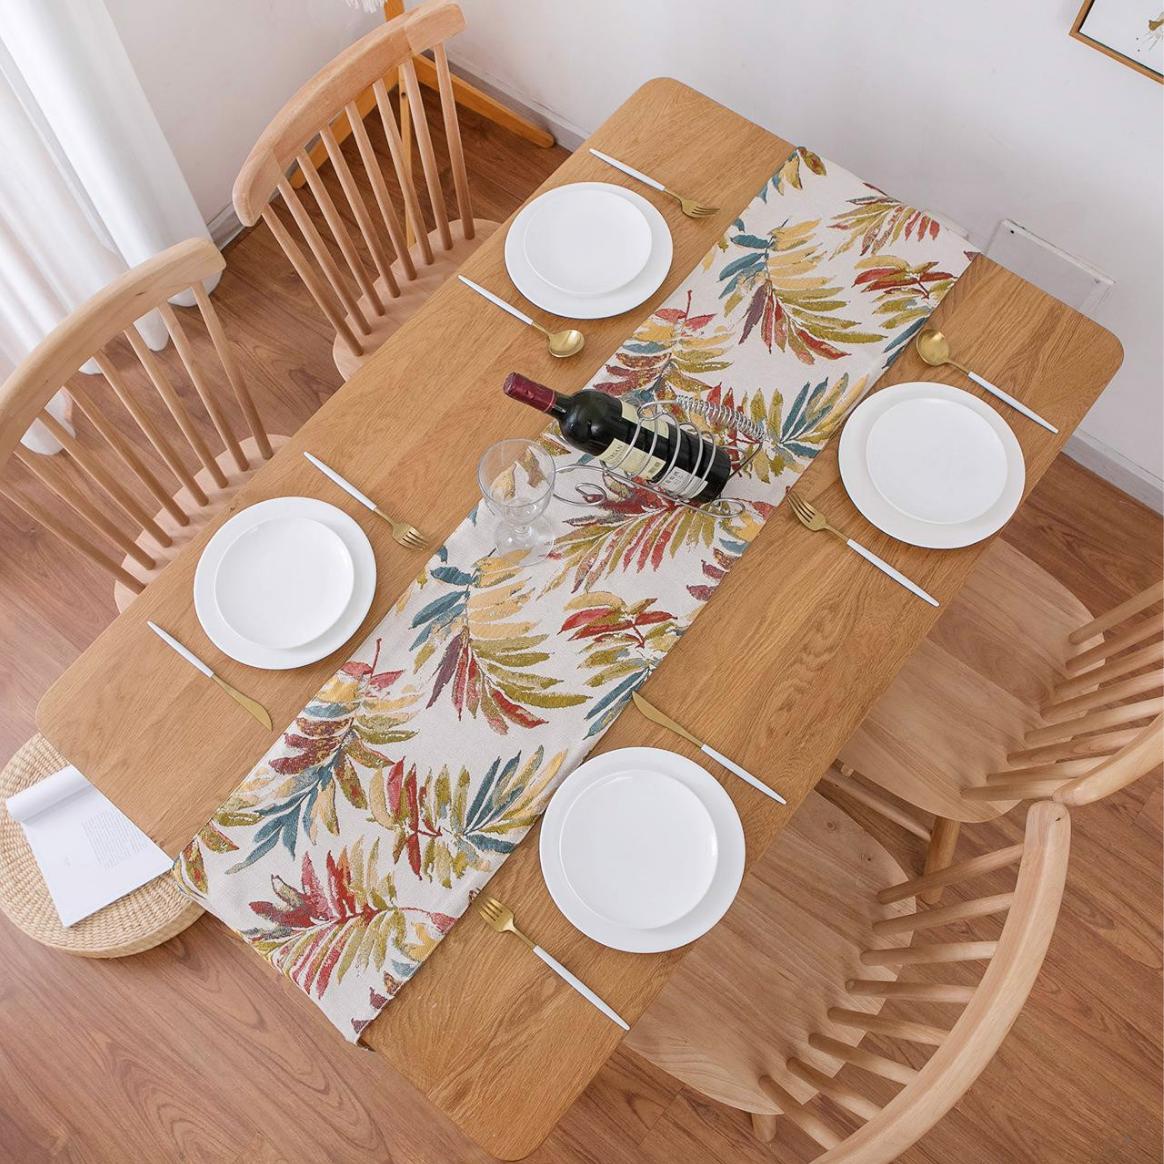 Từ 124K là mua được khăn trải bàn dài cho bàn ăn thêm xịn - Ảnh 6.